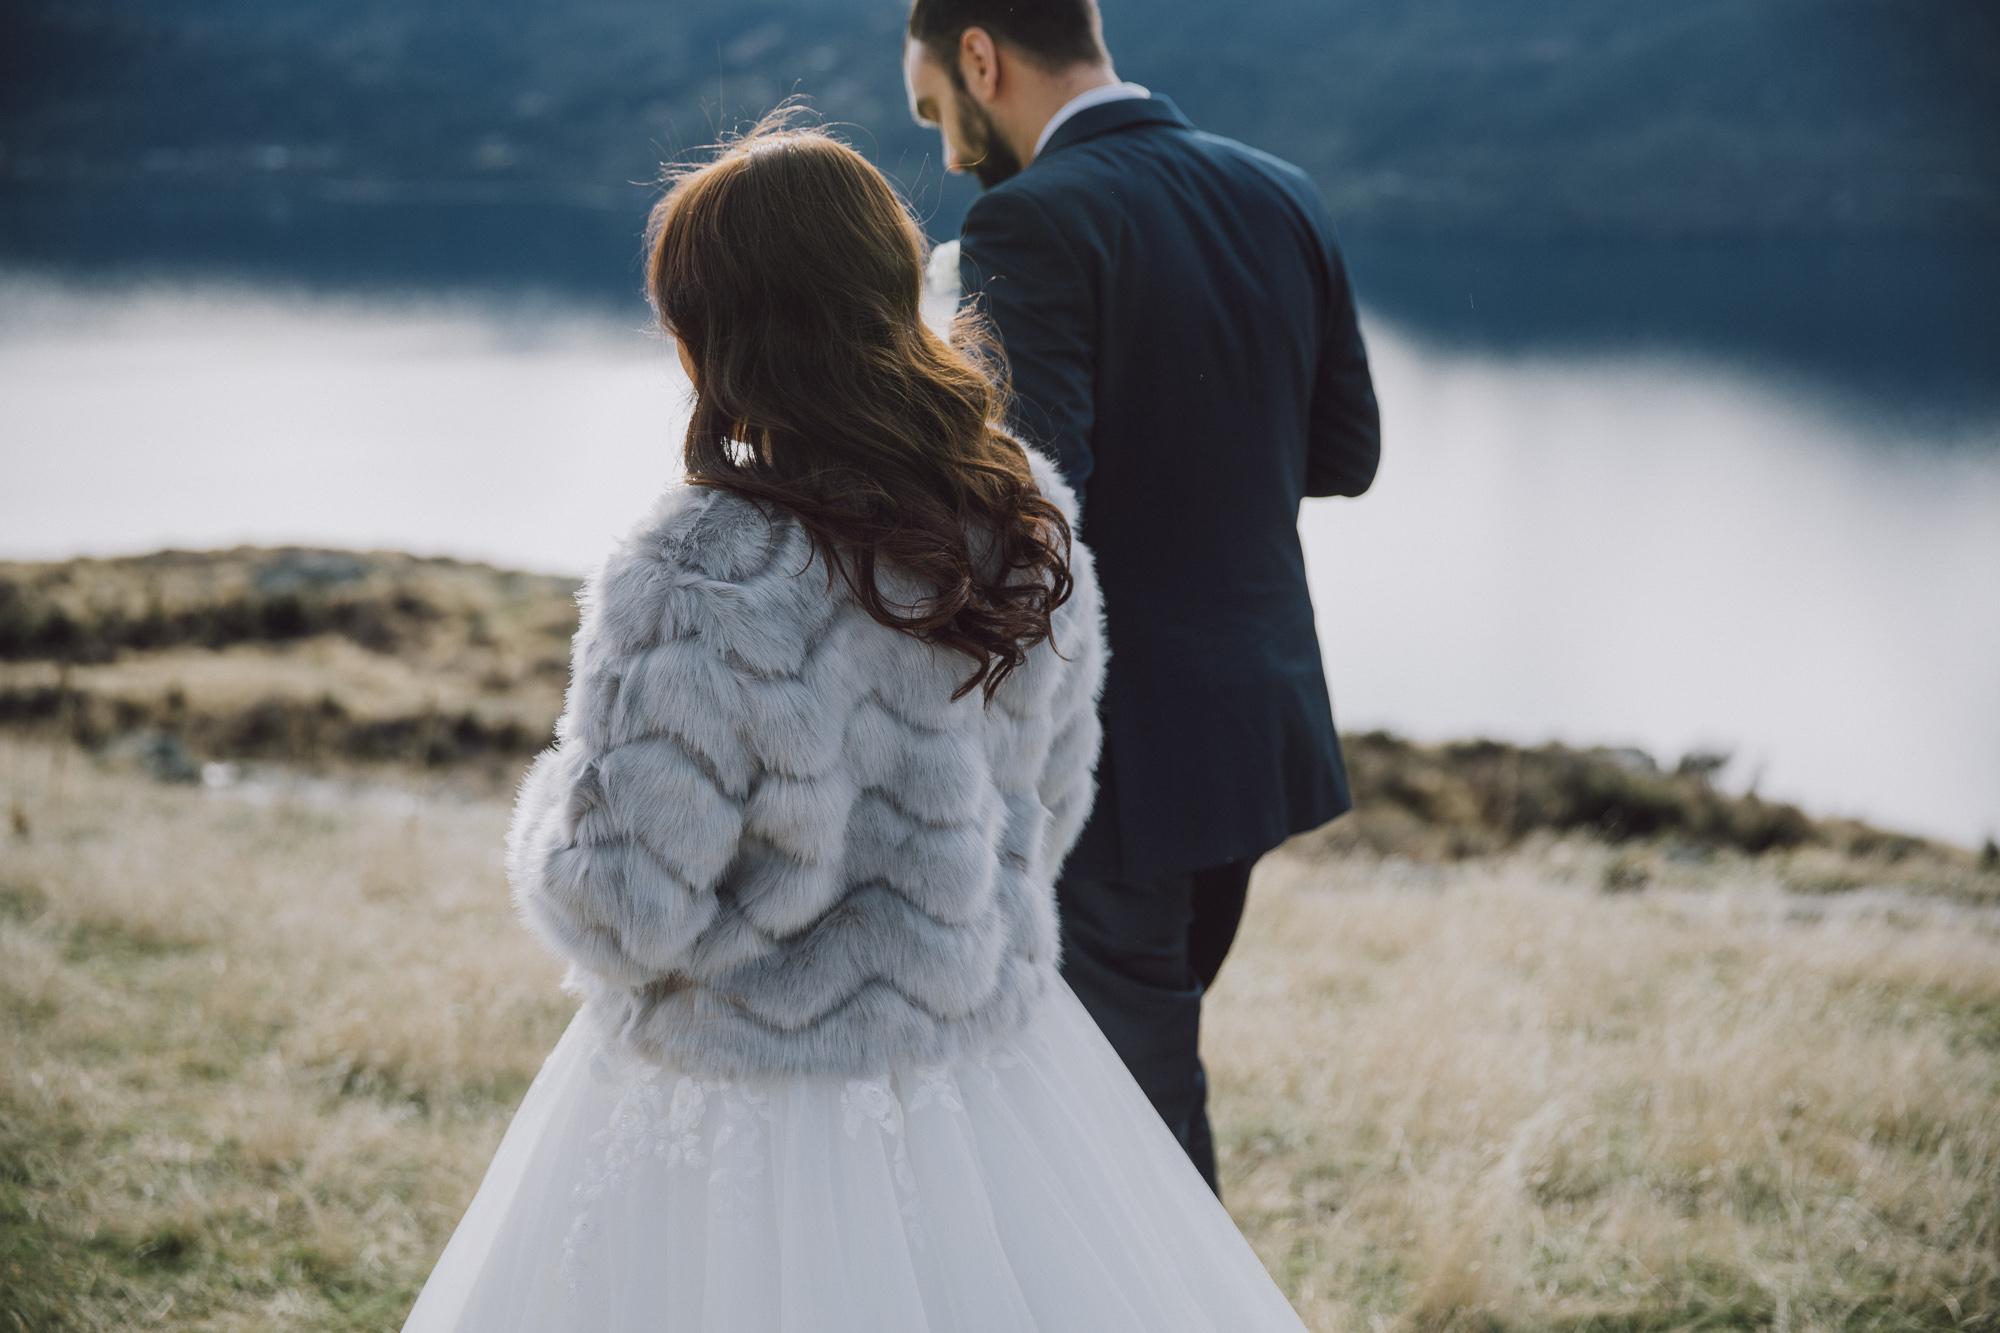 Heli wedding photos in winter in Queenstown NZ